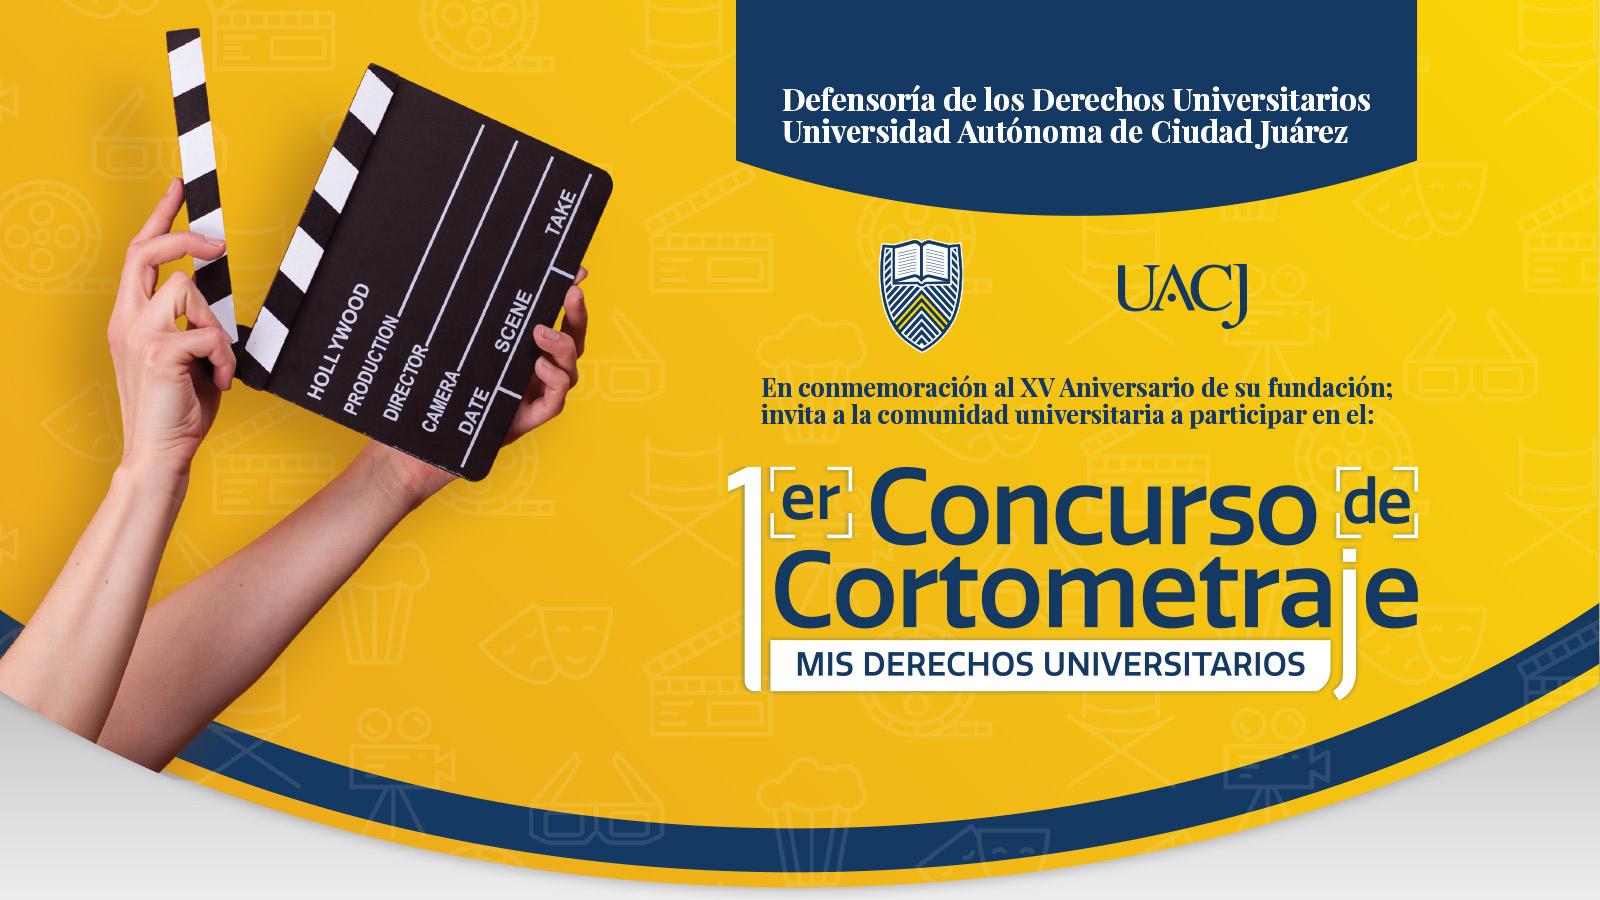 La UACJ invita a participar en concurso de cortometraje